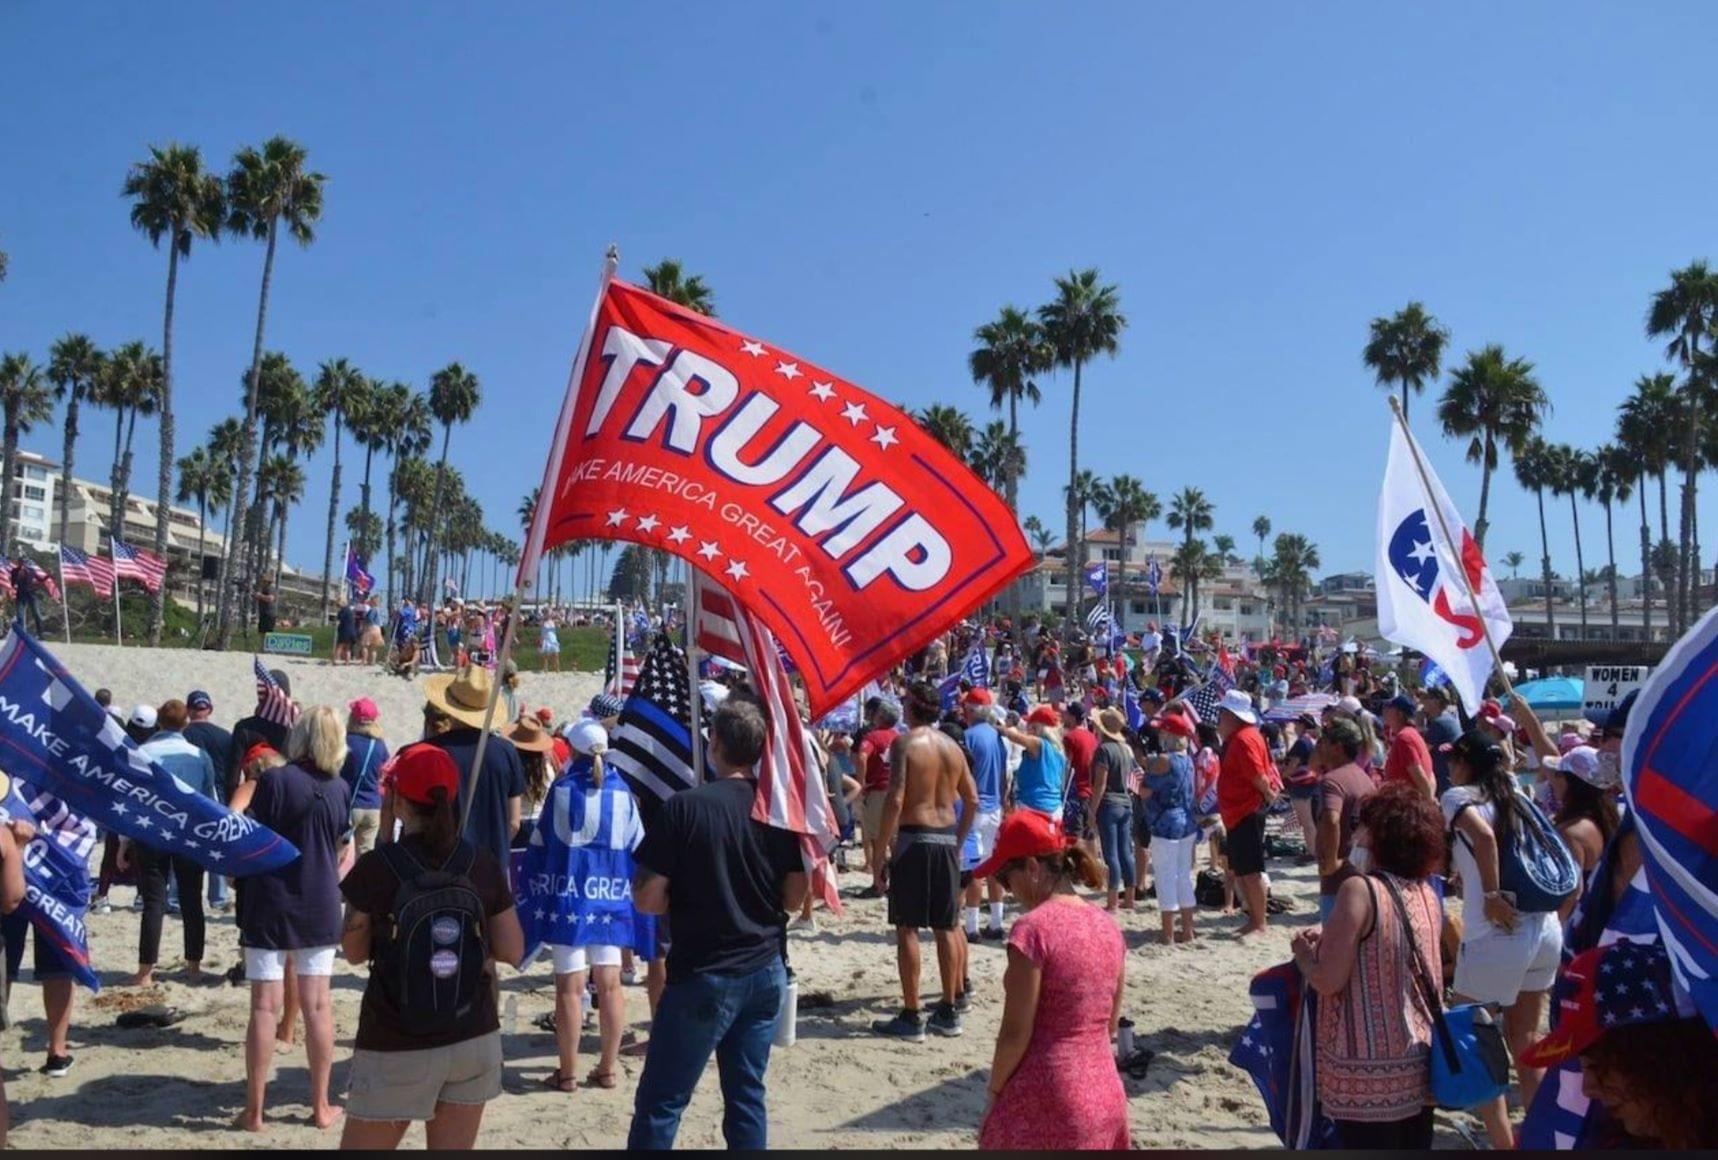 2020年10月3日,上千位選民聚集在加州橙縣的聖克萊蒙特碼頭(San Clemente Pier),支持特朗普總統連任。(加州選民 Mike Chickey 提供)